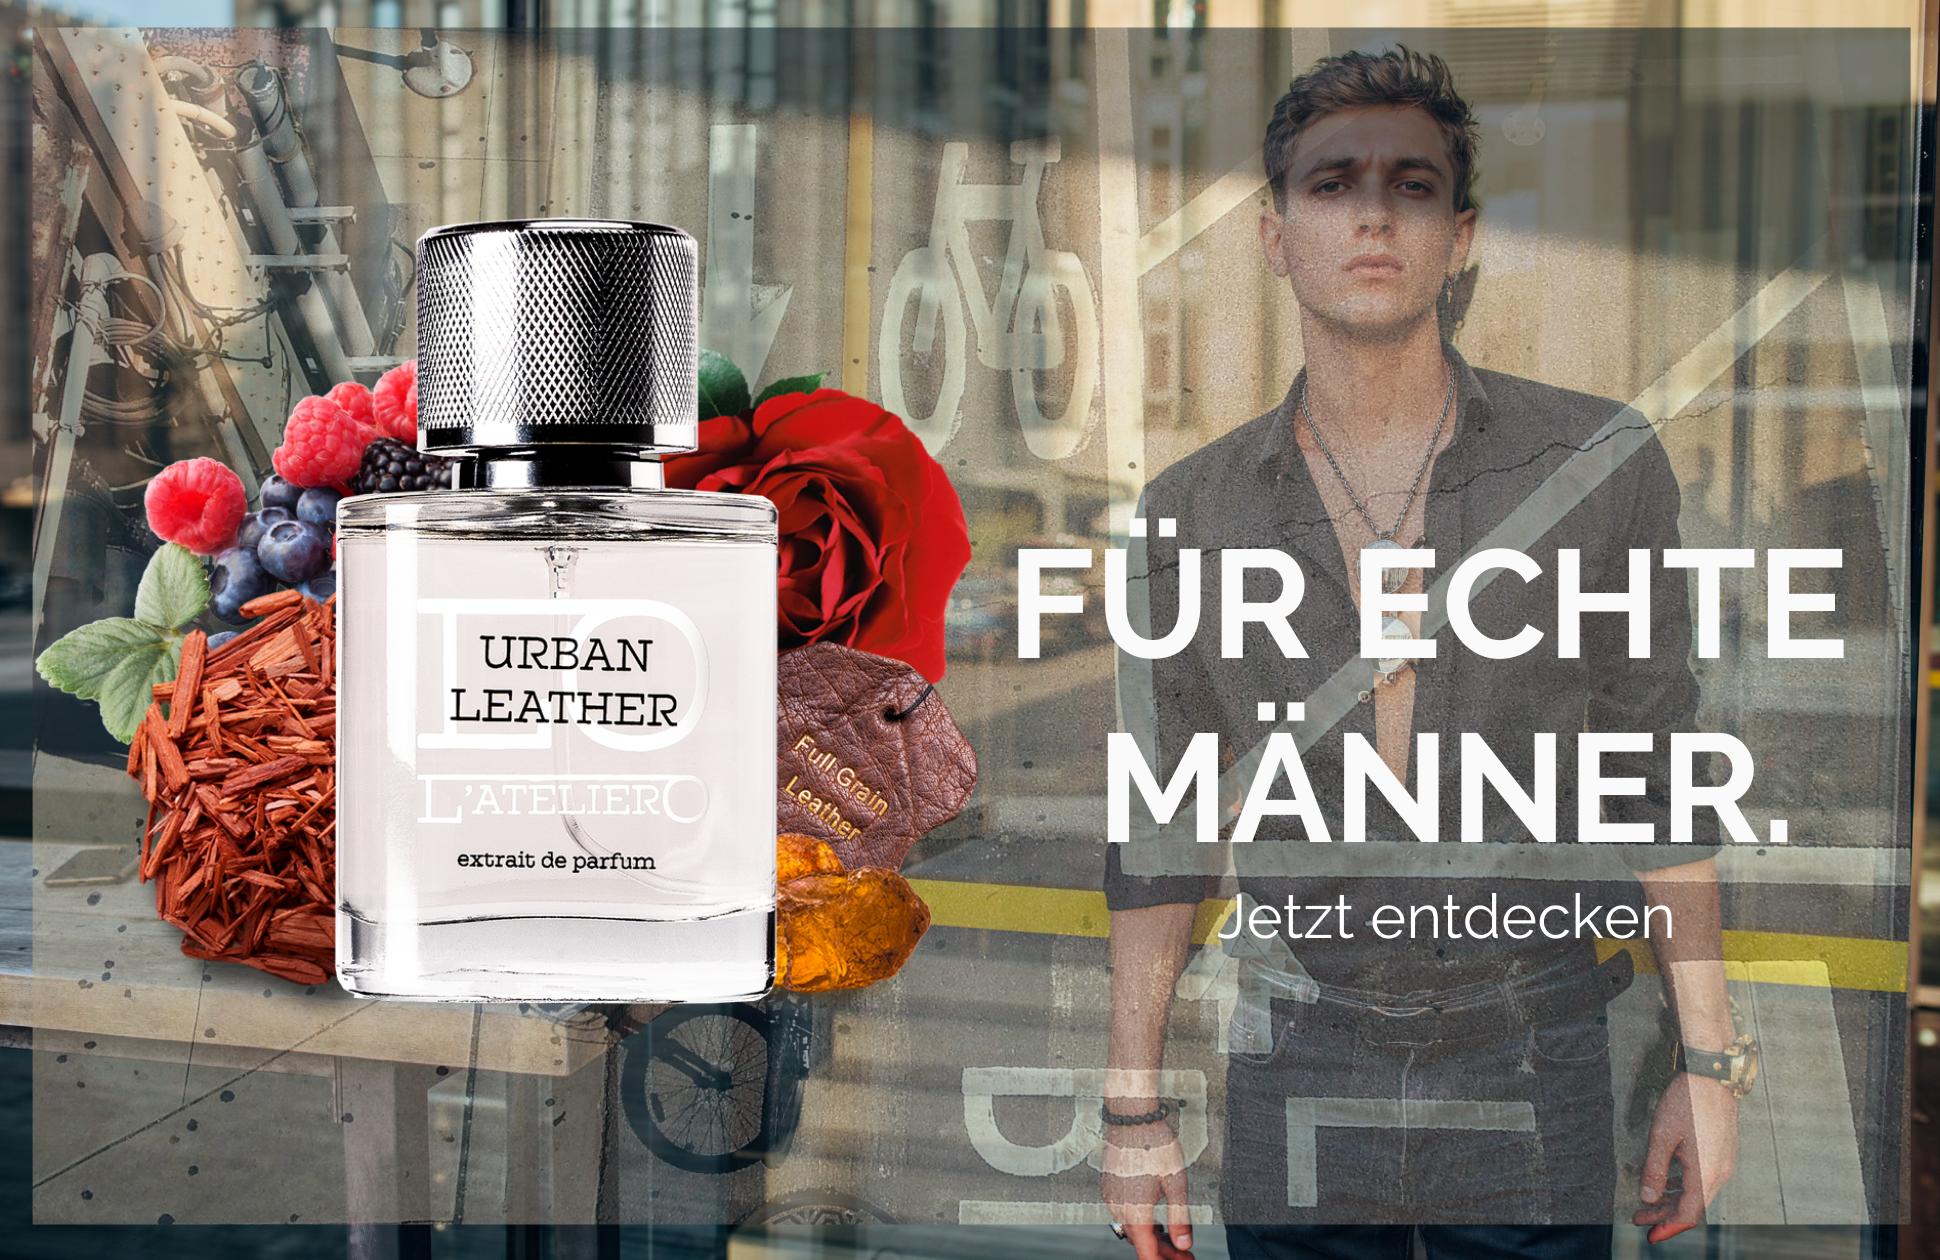 Urban Leather - Der Duft für echte Männer